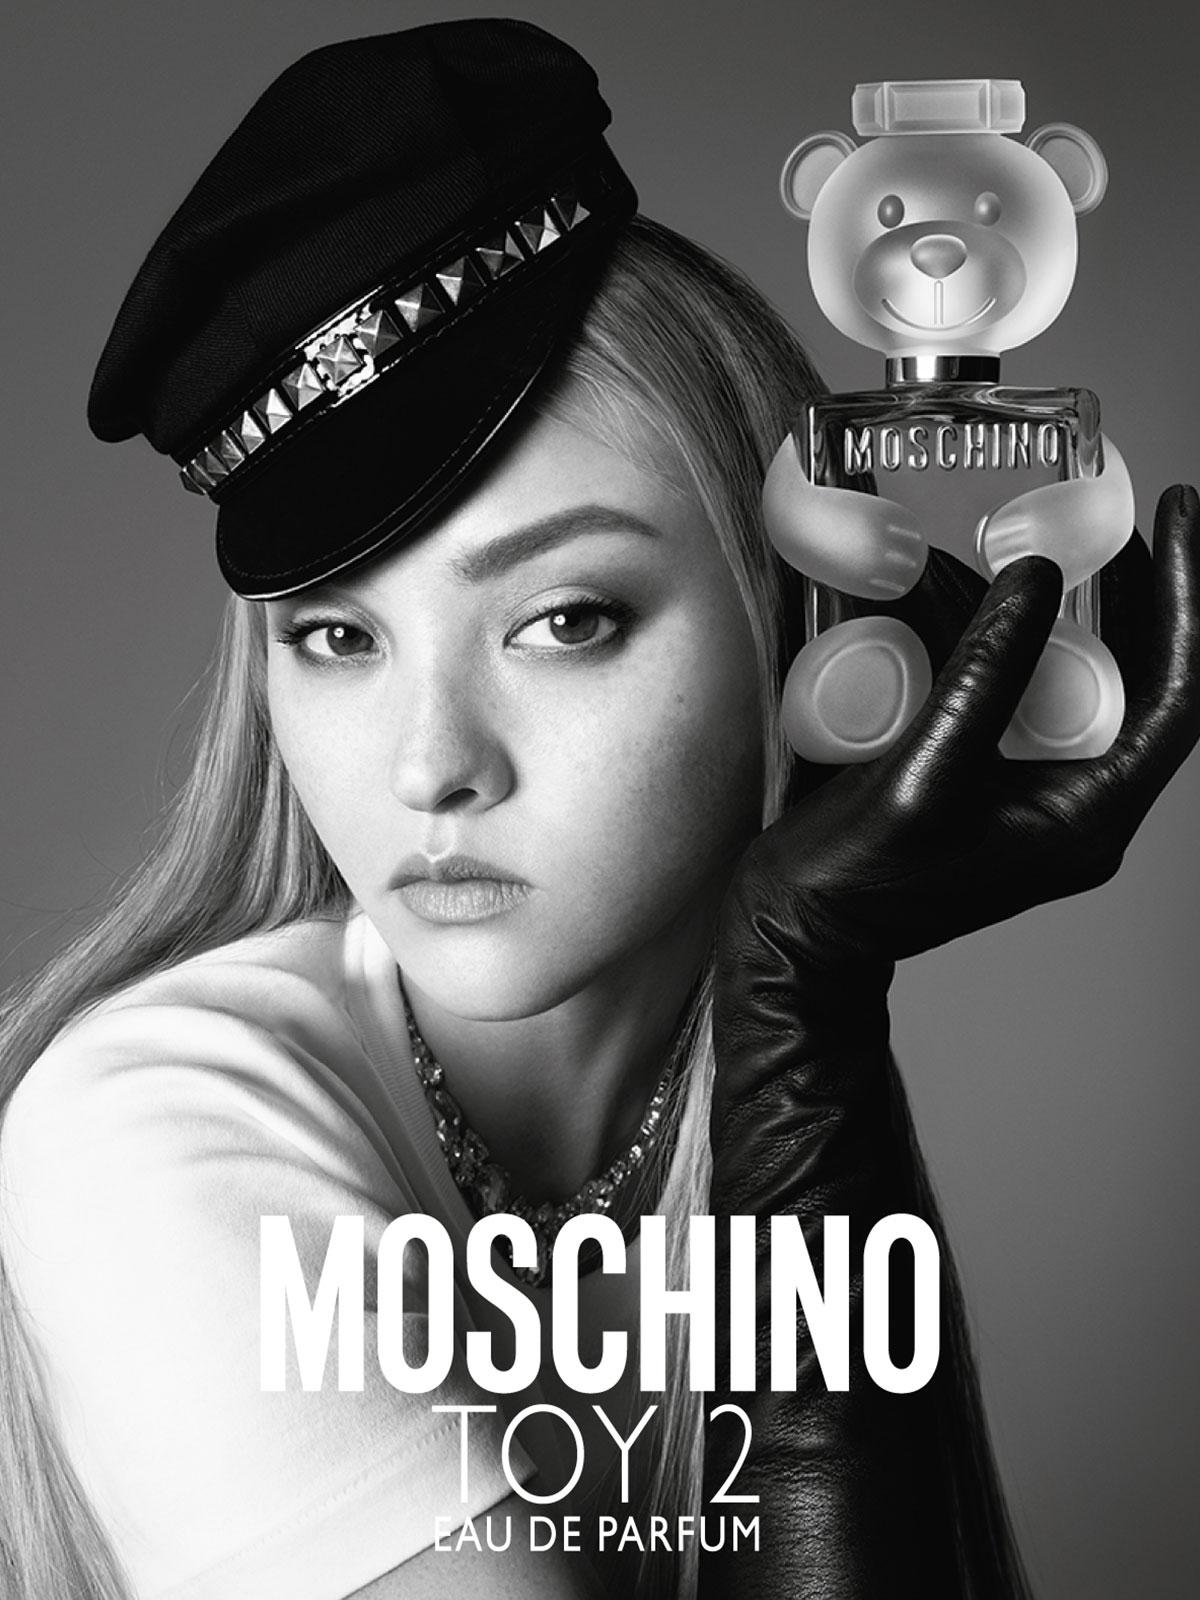 Ein Bild von einem Moschino Parfum Visual